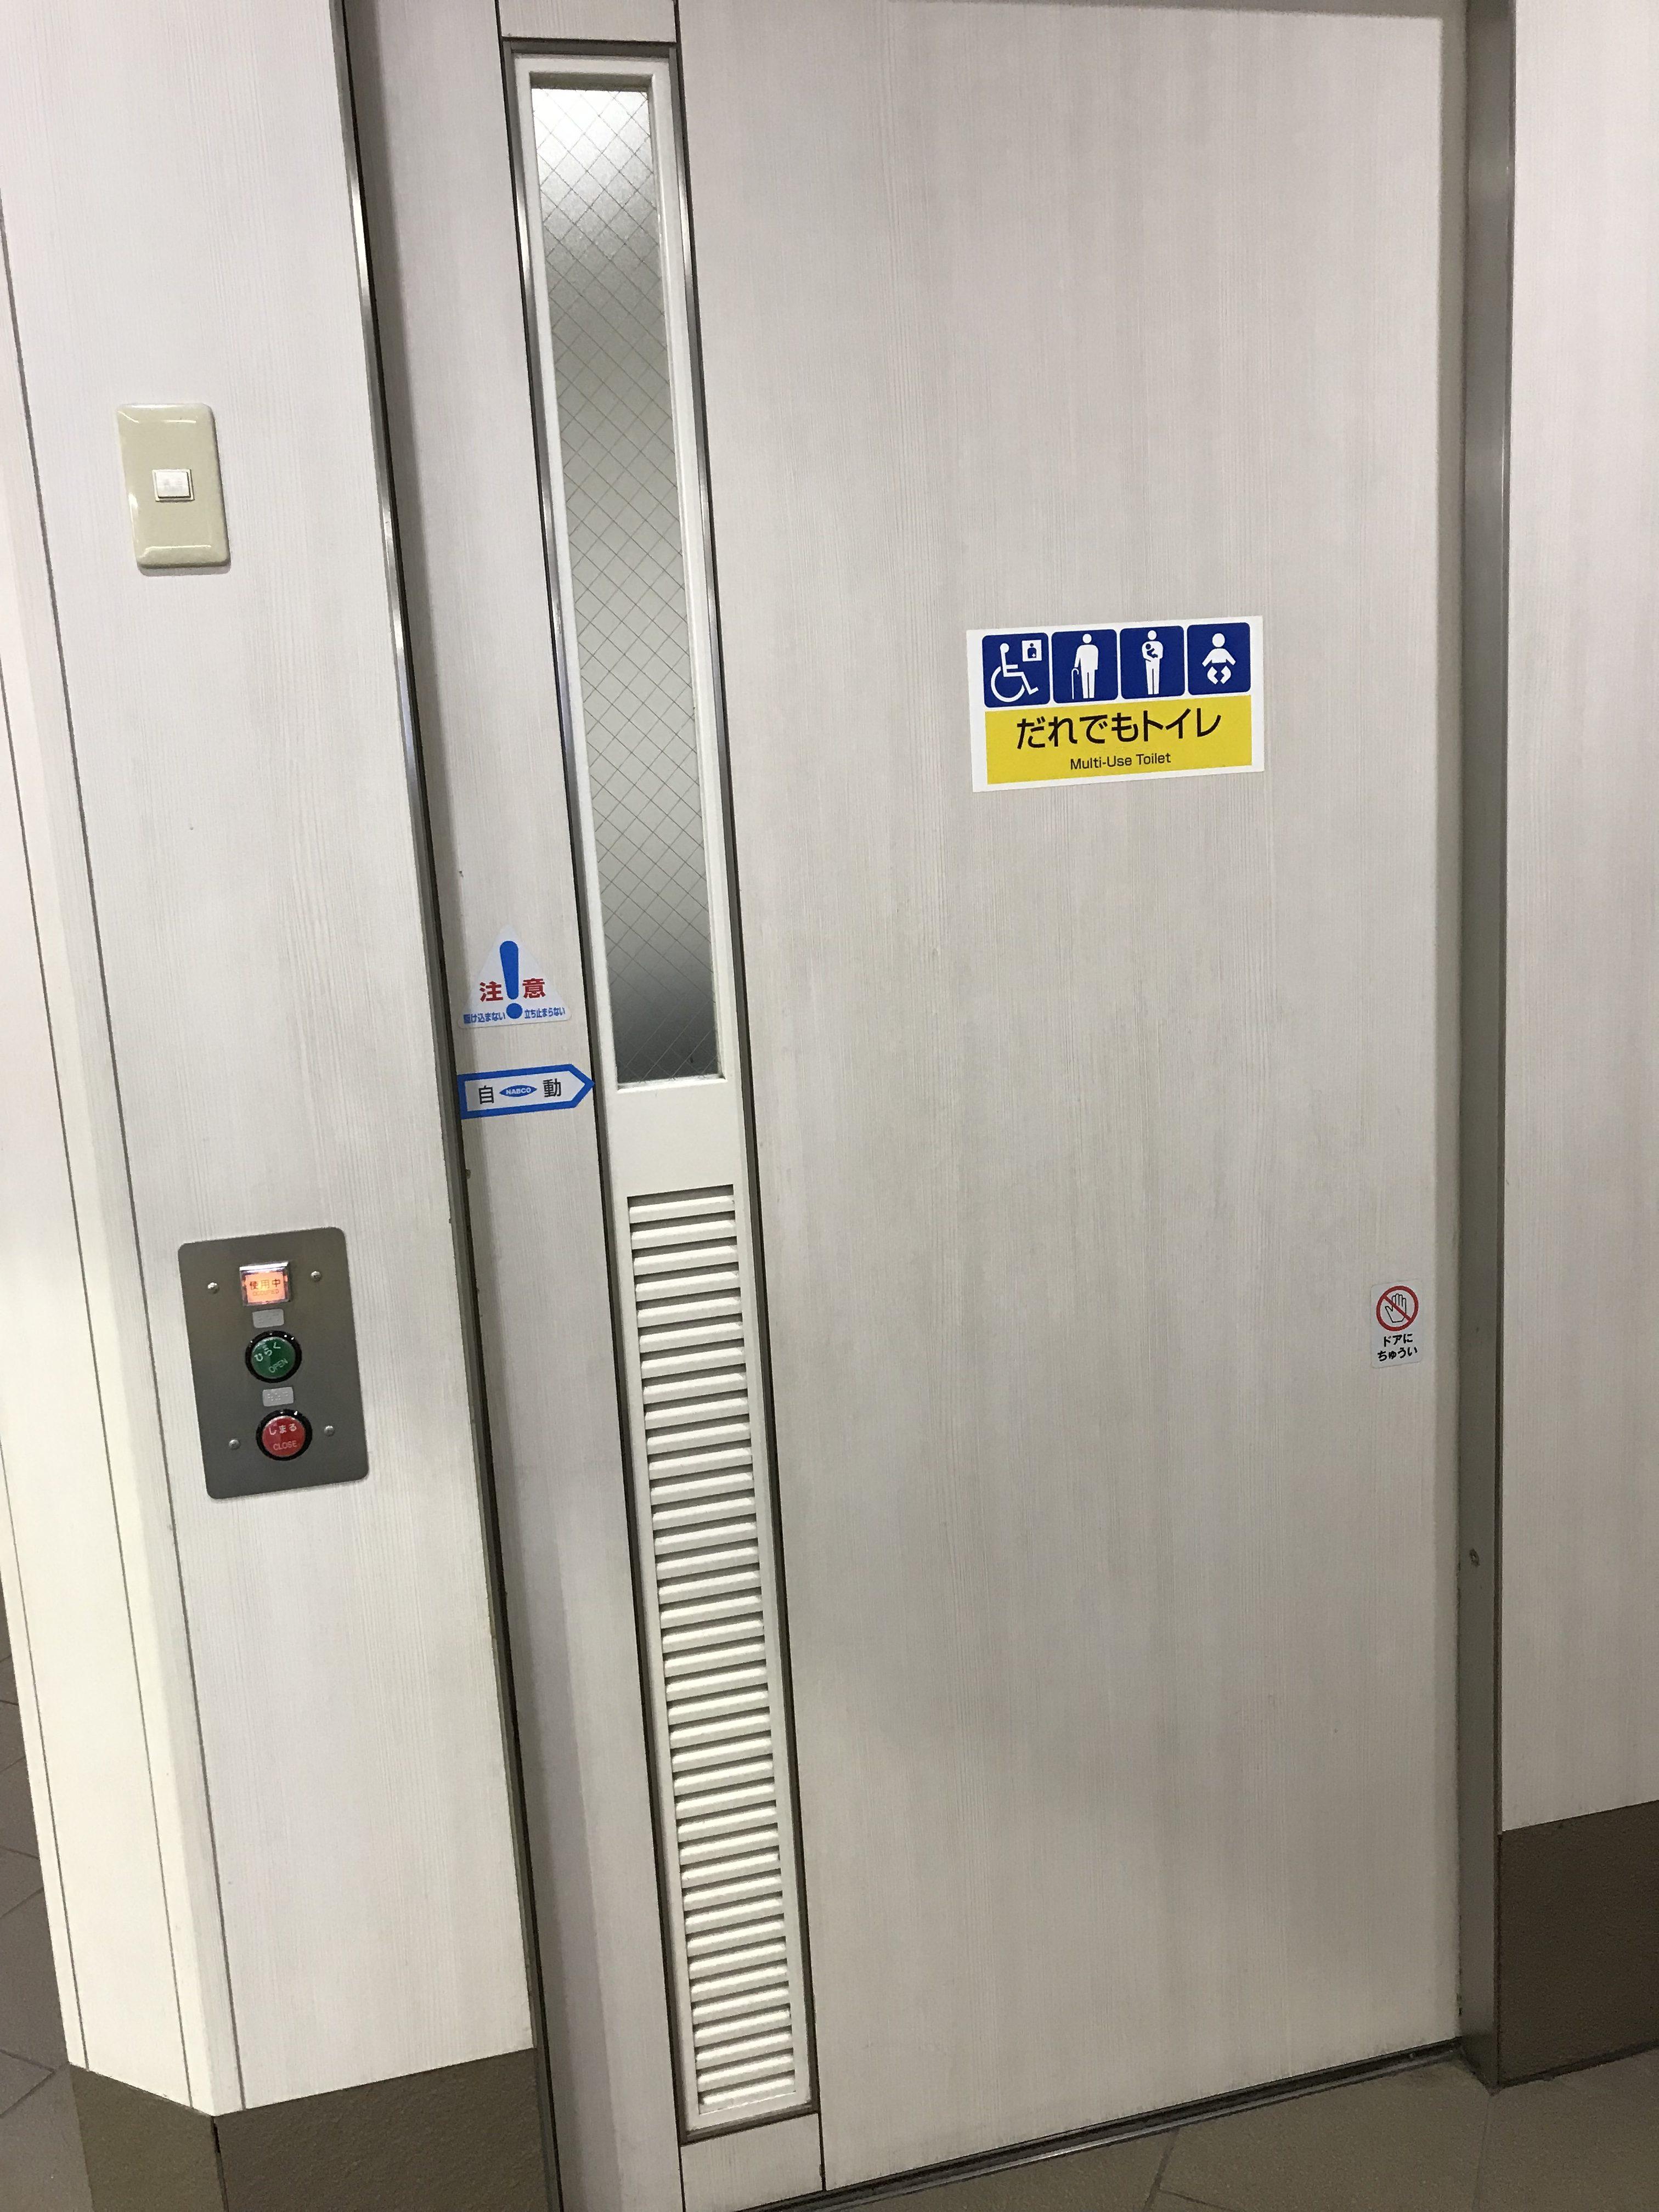 吉祥寺駅の井の頭線の改札付近の だれでもトイレ